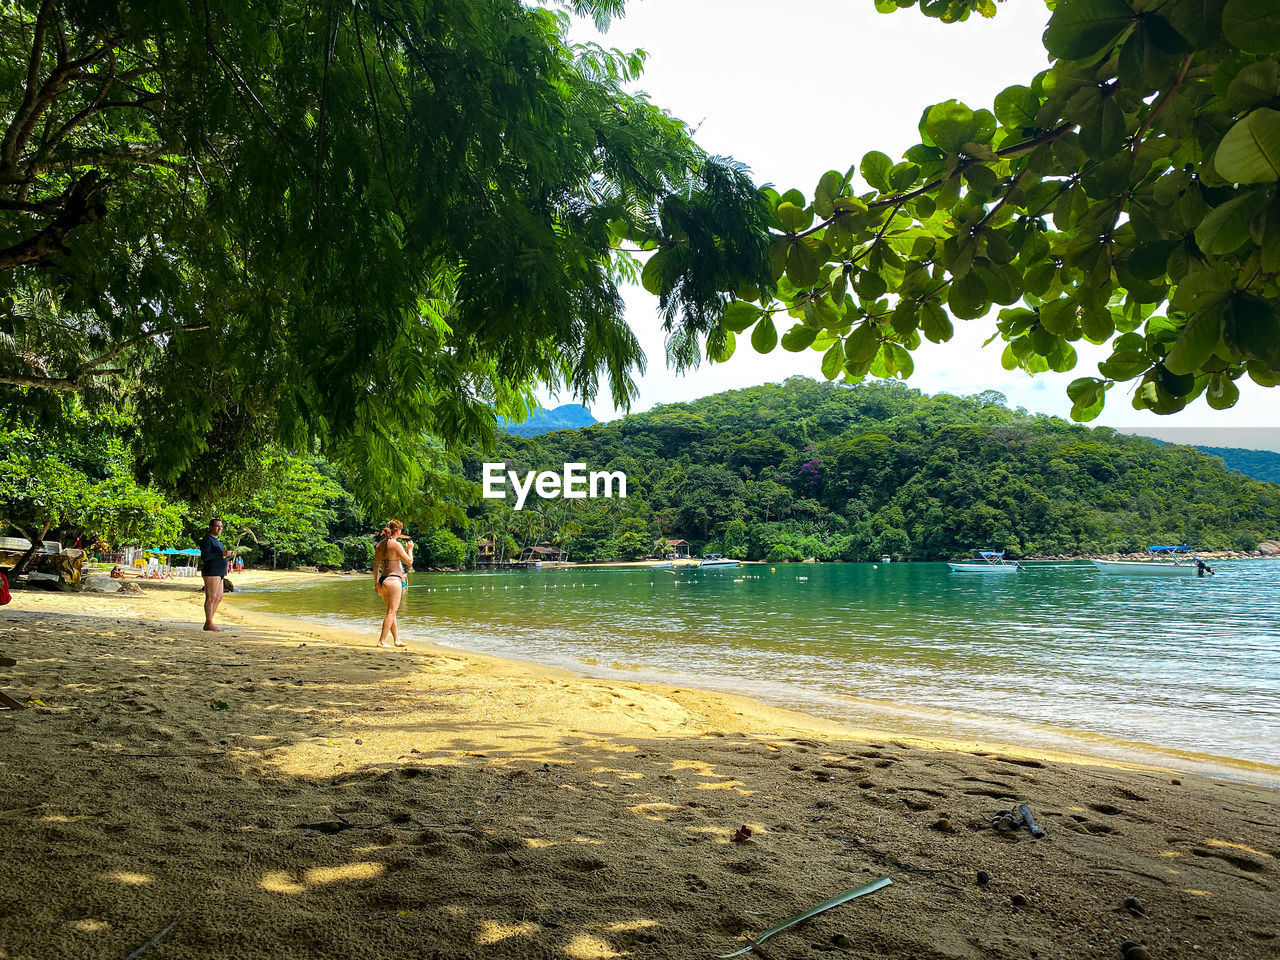 PEOPLE ON BEACH AGAINST TREES